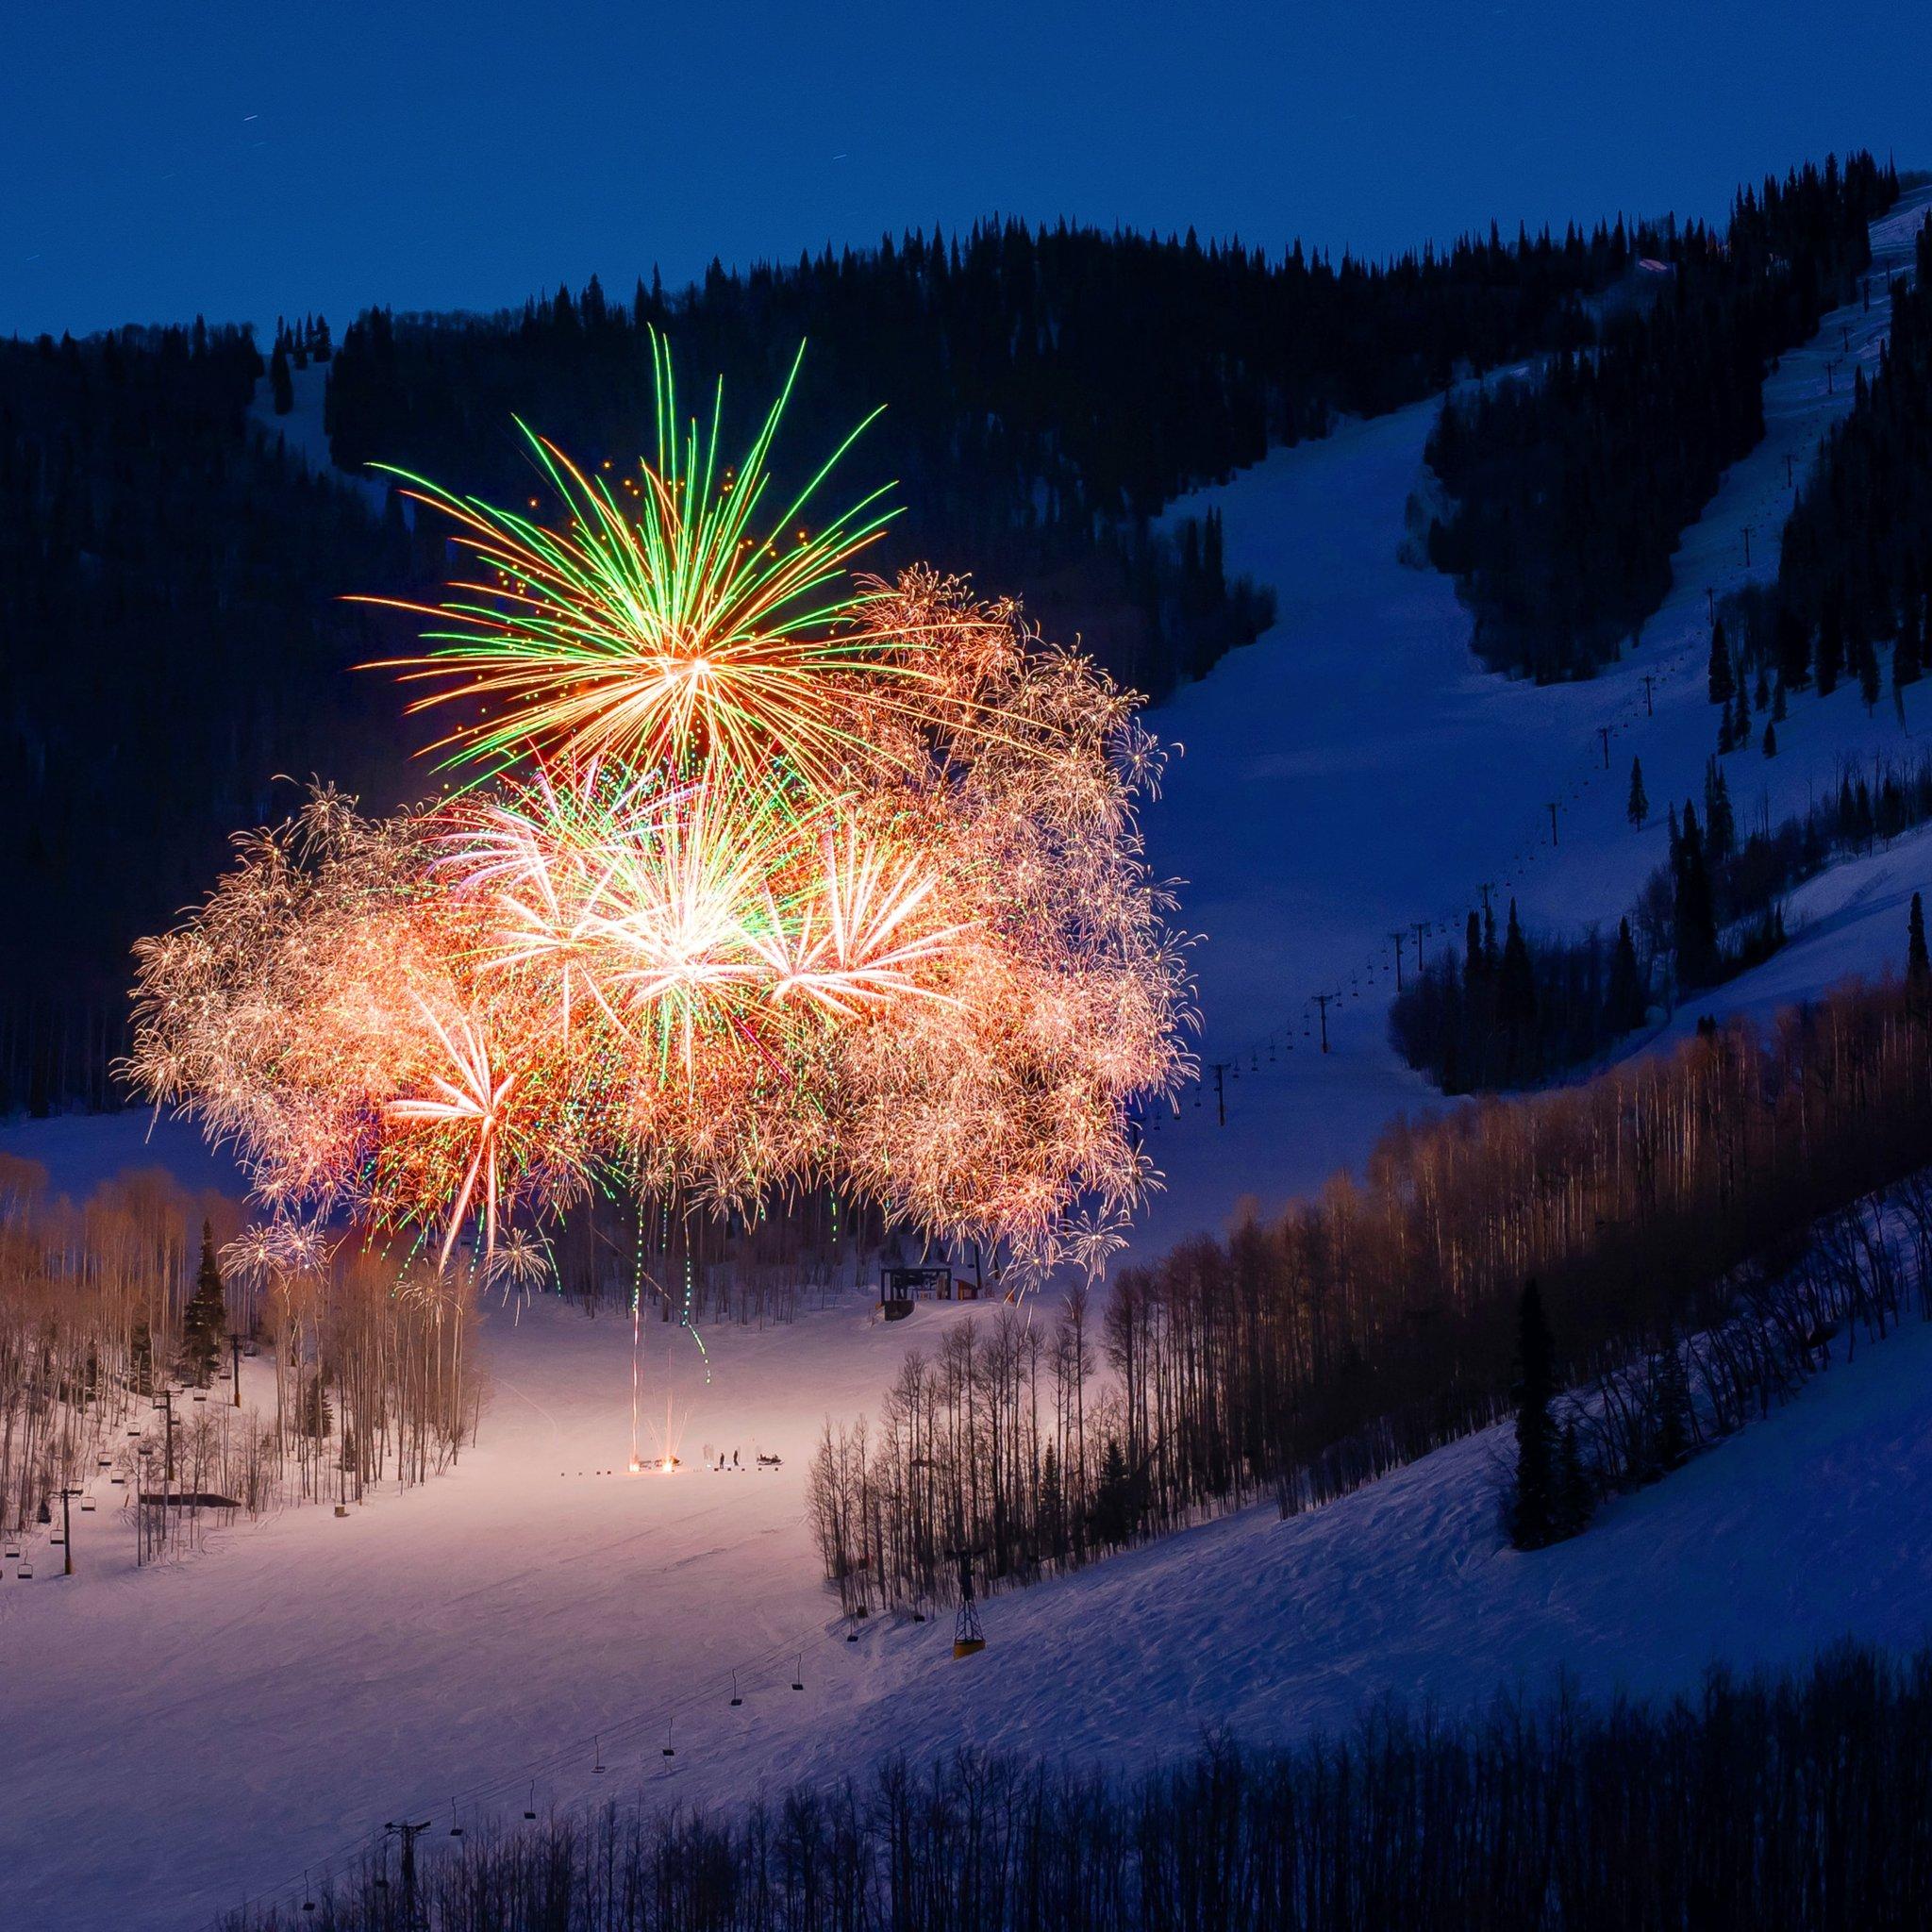 Sunlight Fireworks